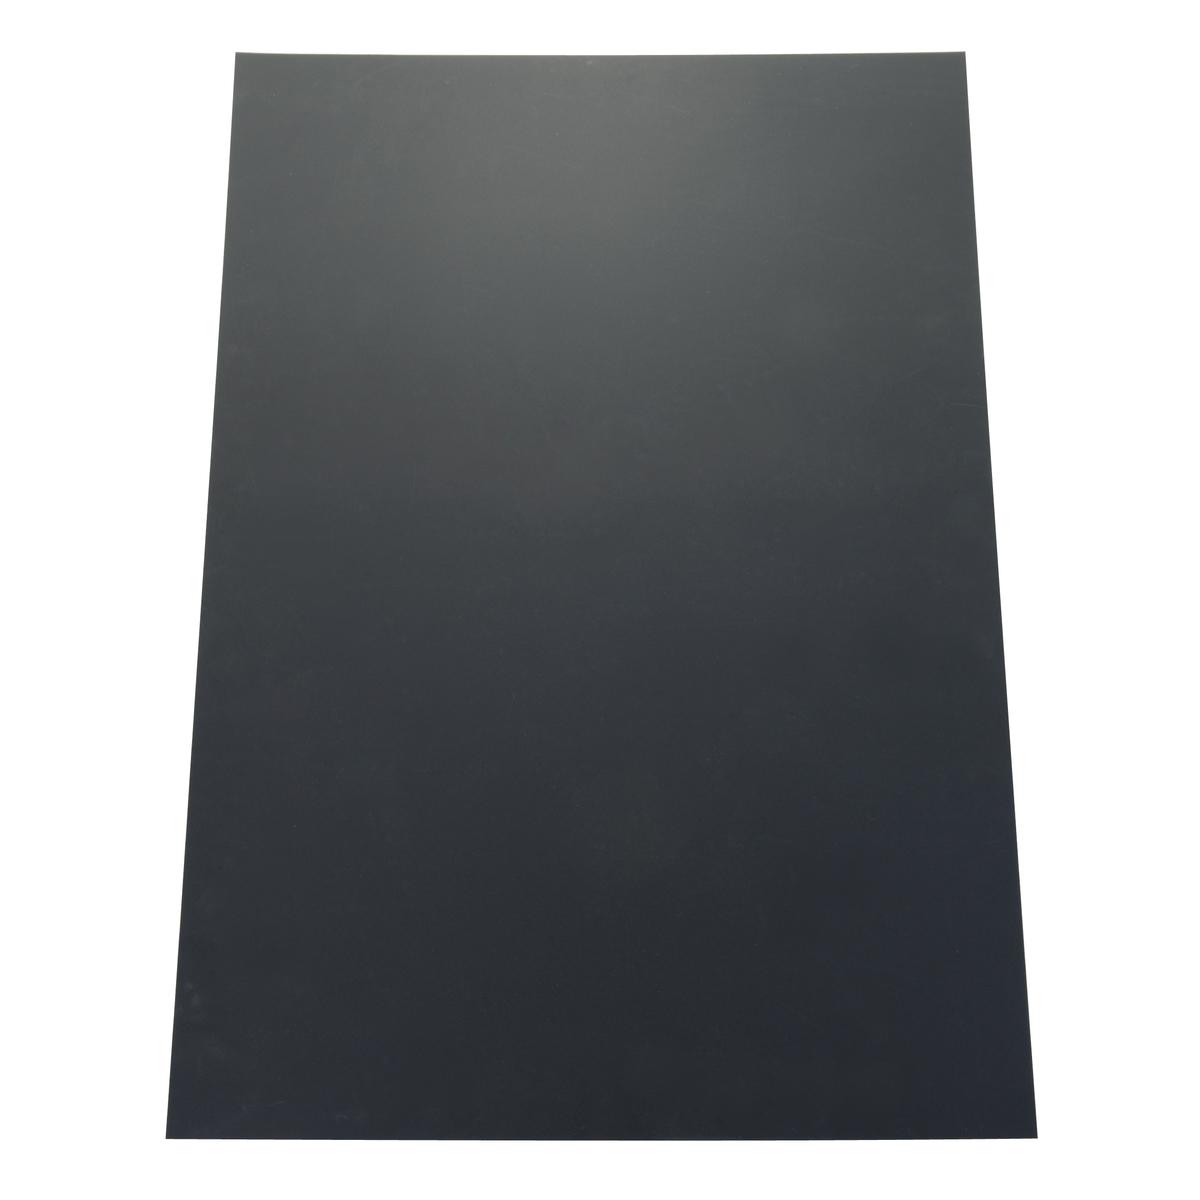 タレゴム EVA 900×600×4 黒 1枚